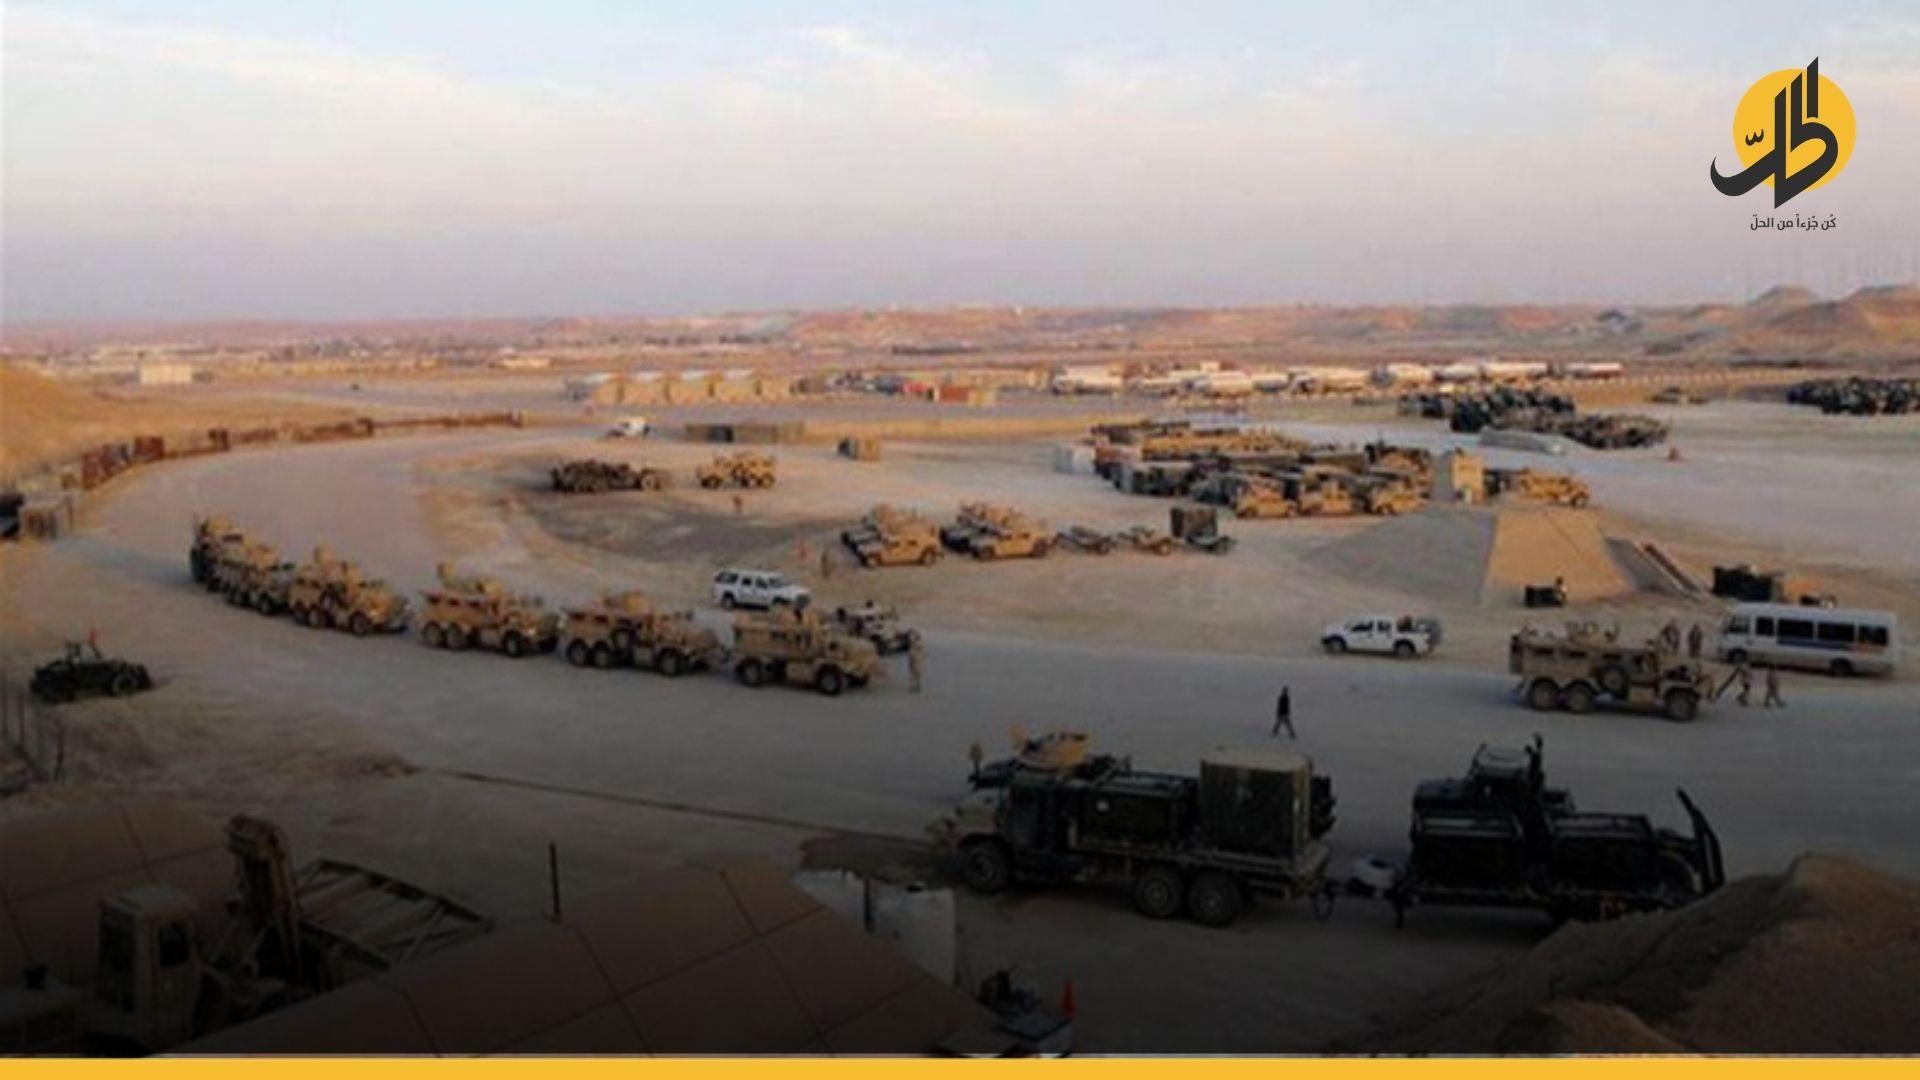 الاتحاد الأوروبي يعلّق على هجمات الميليشيات الولائية: تُهدّد الدولة العراقية